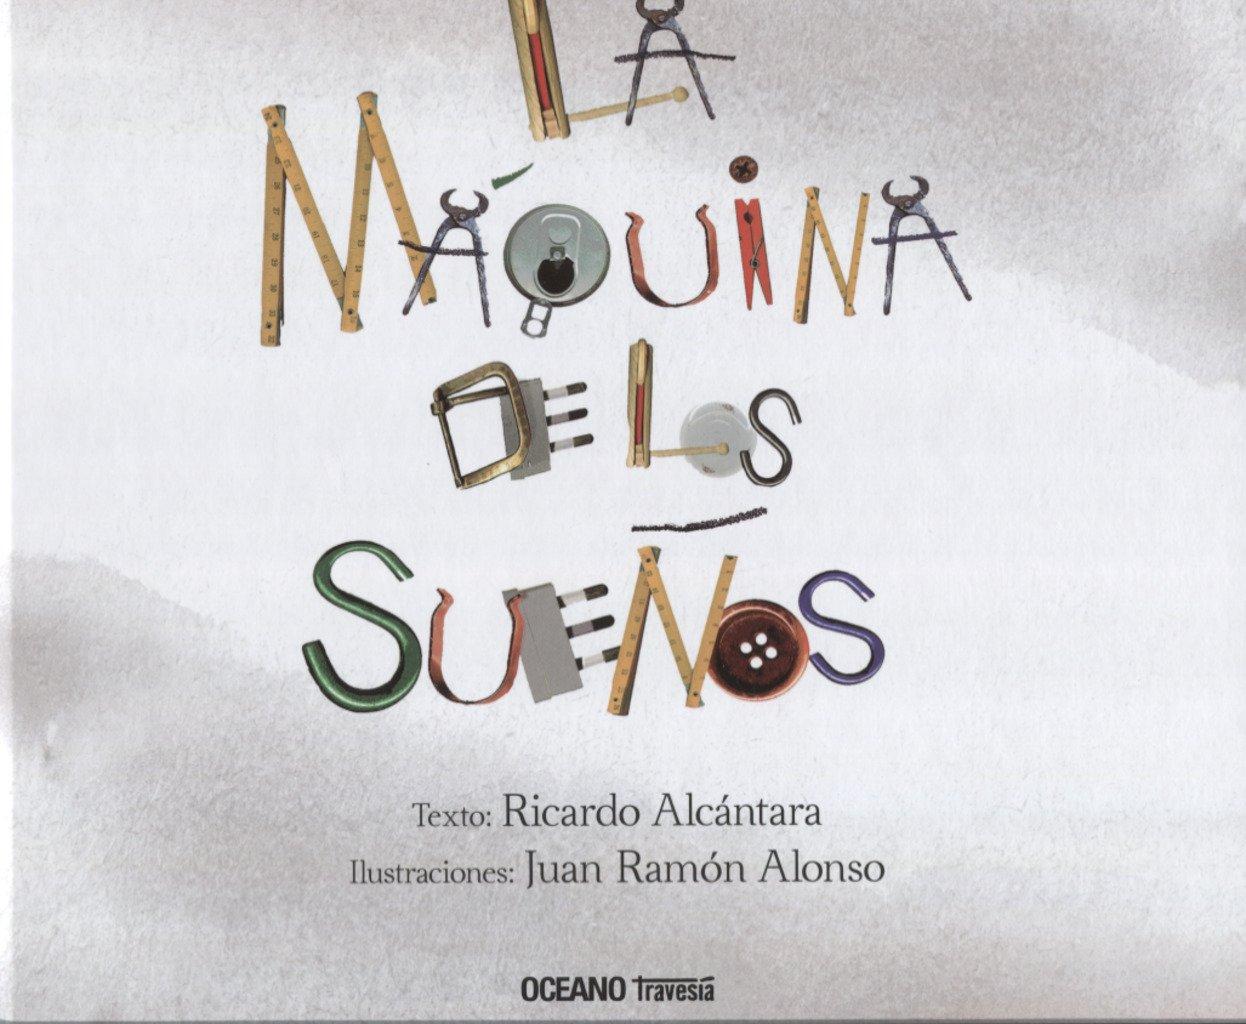 Máquina de los sueños, La: Ricardo/Alonso, Juan Ramón Alcántara: 9786075270852: Amazon.com: Books